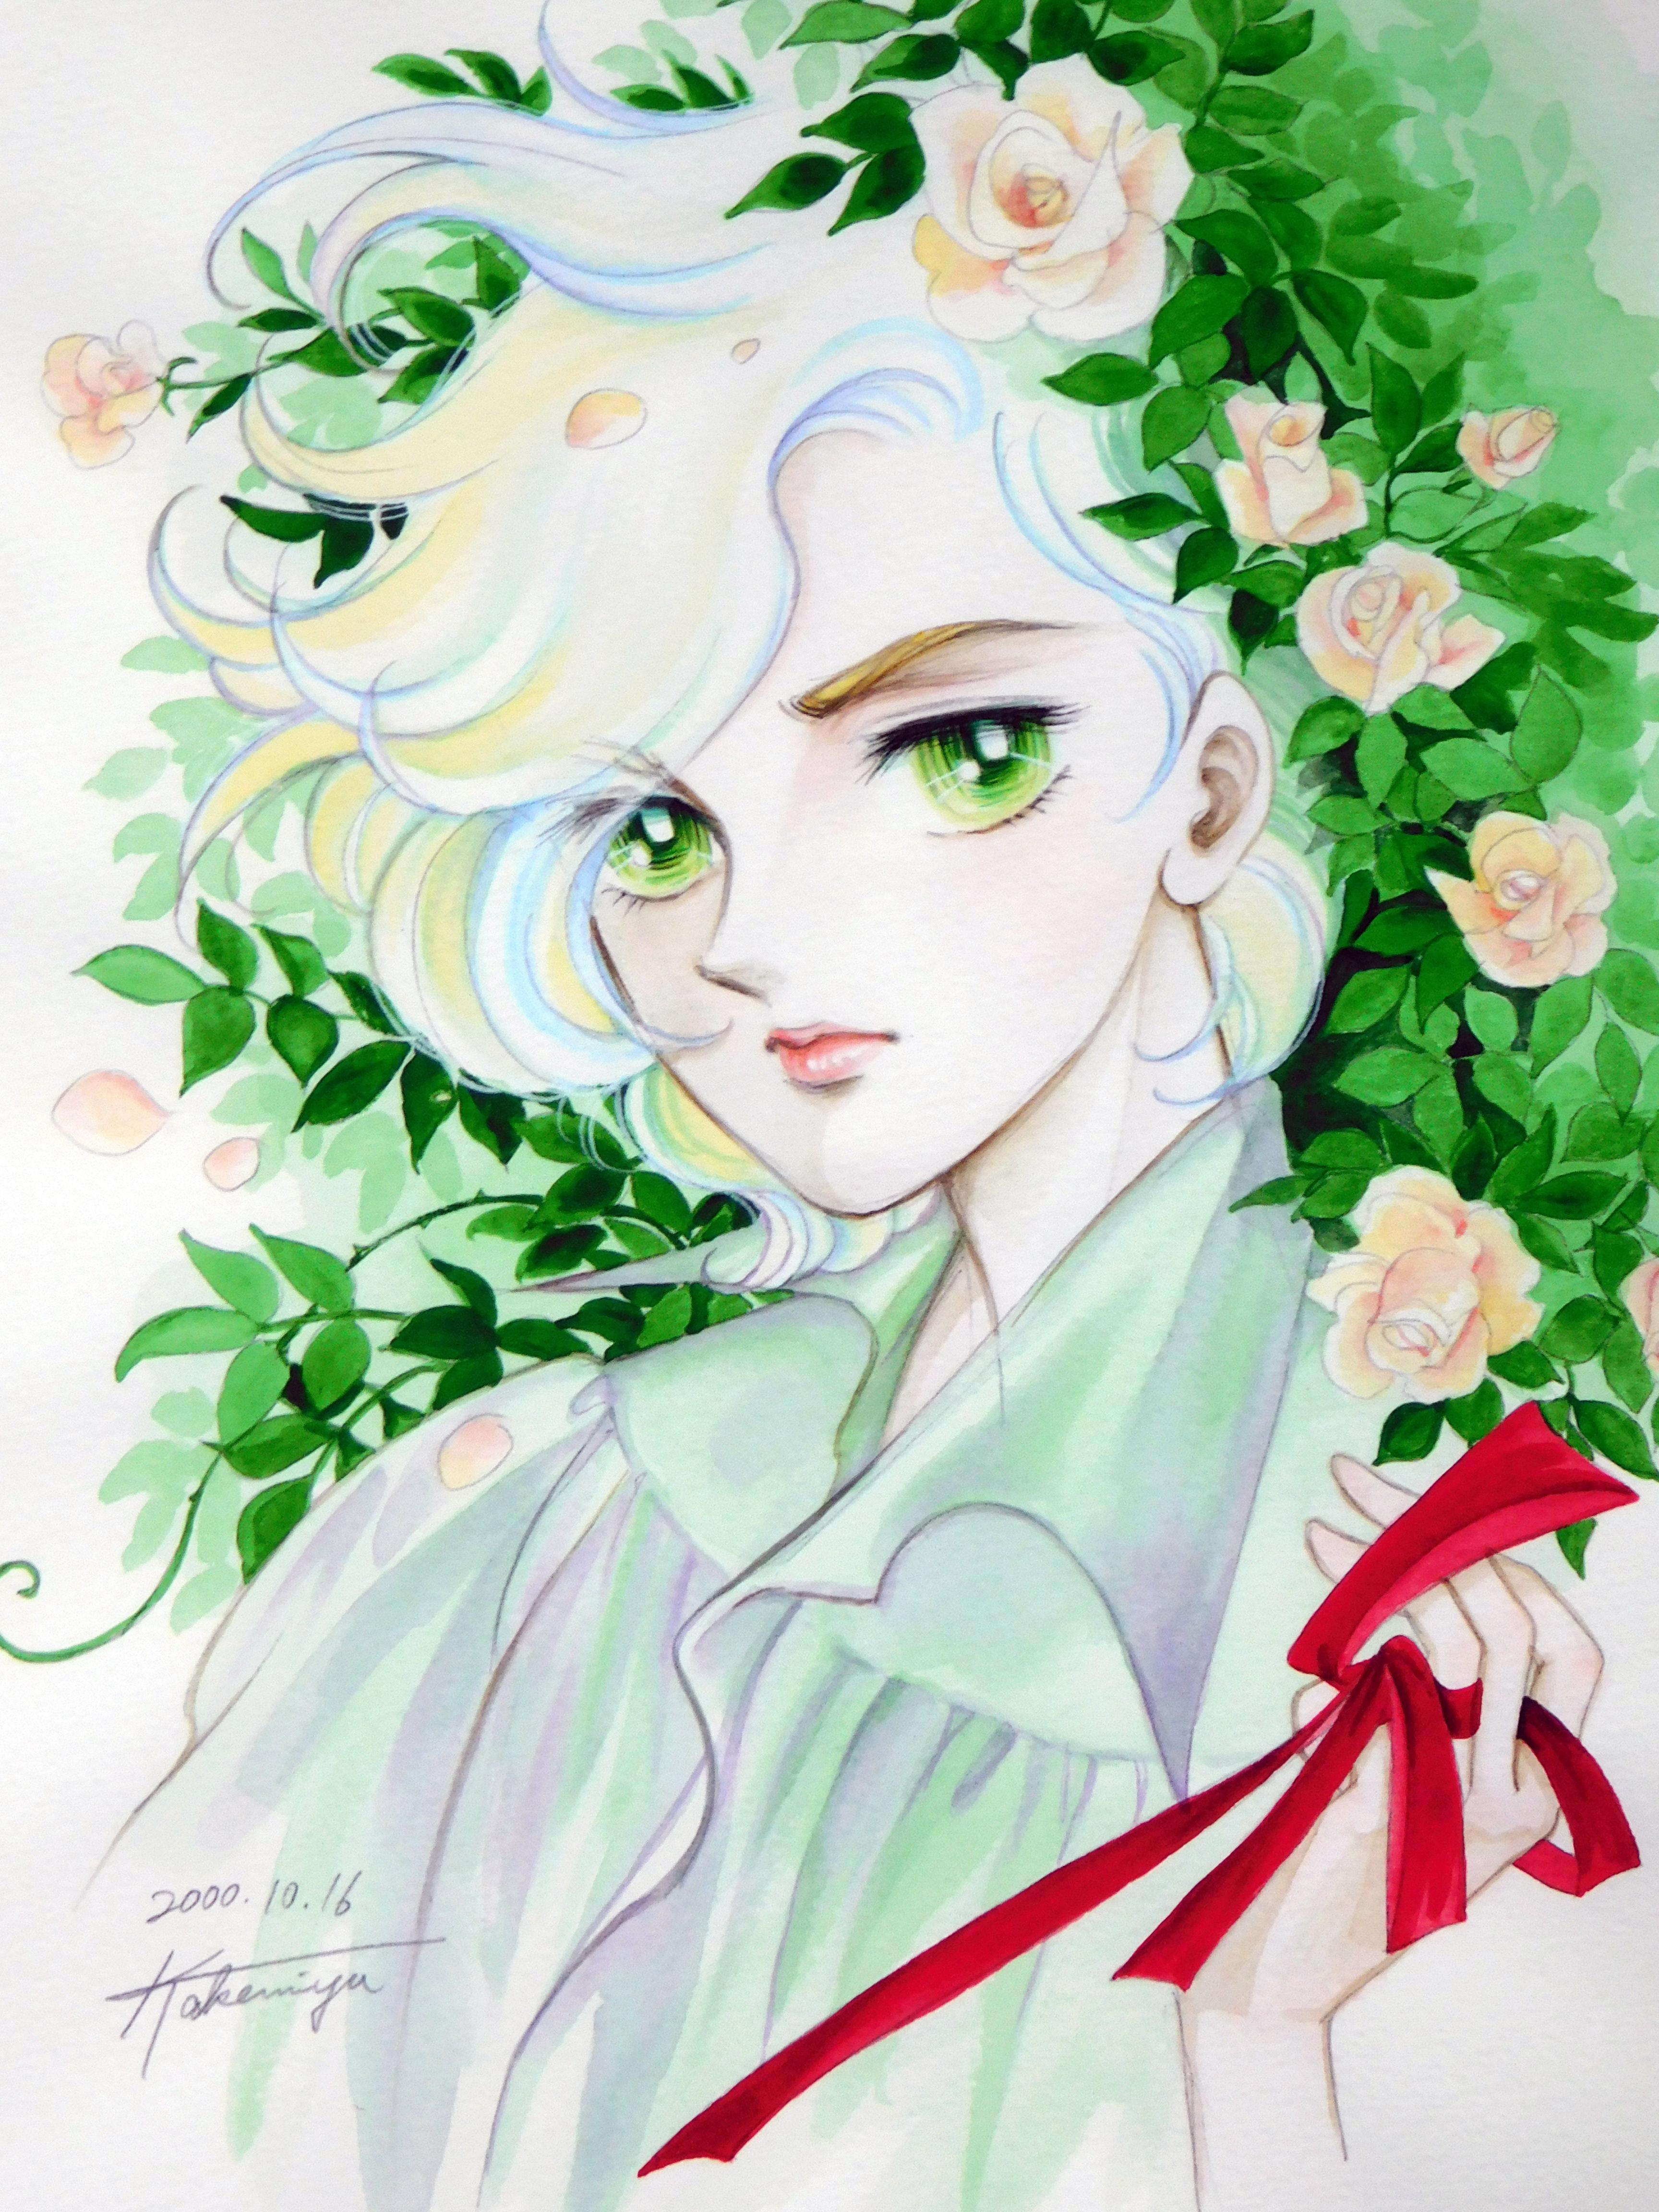 Bara no Toge (The Rose's Thorn), Keiki Takemiya, 2000